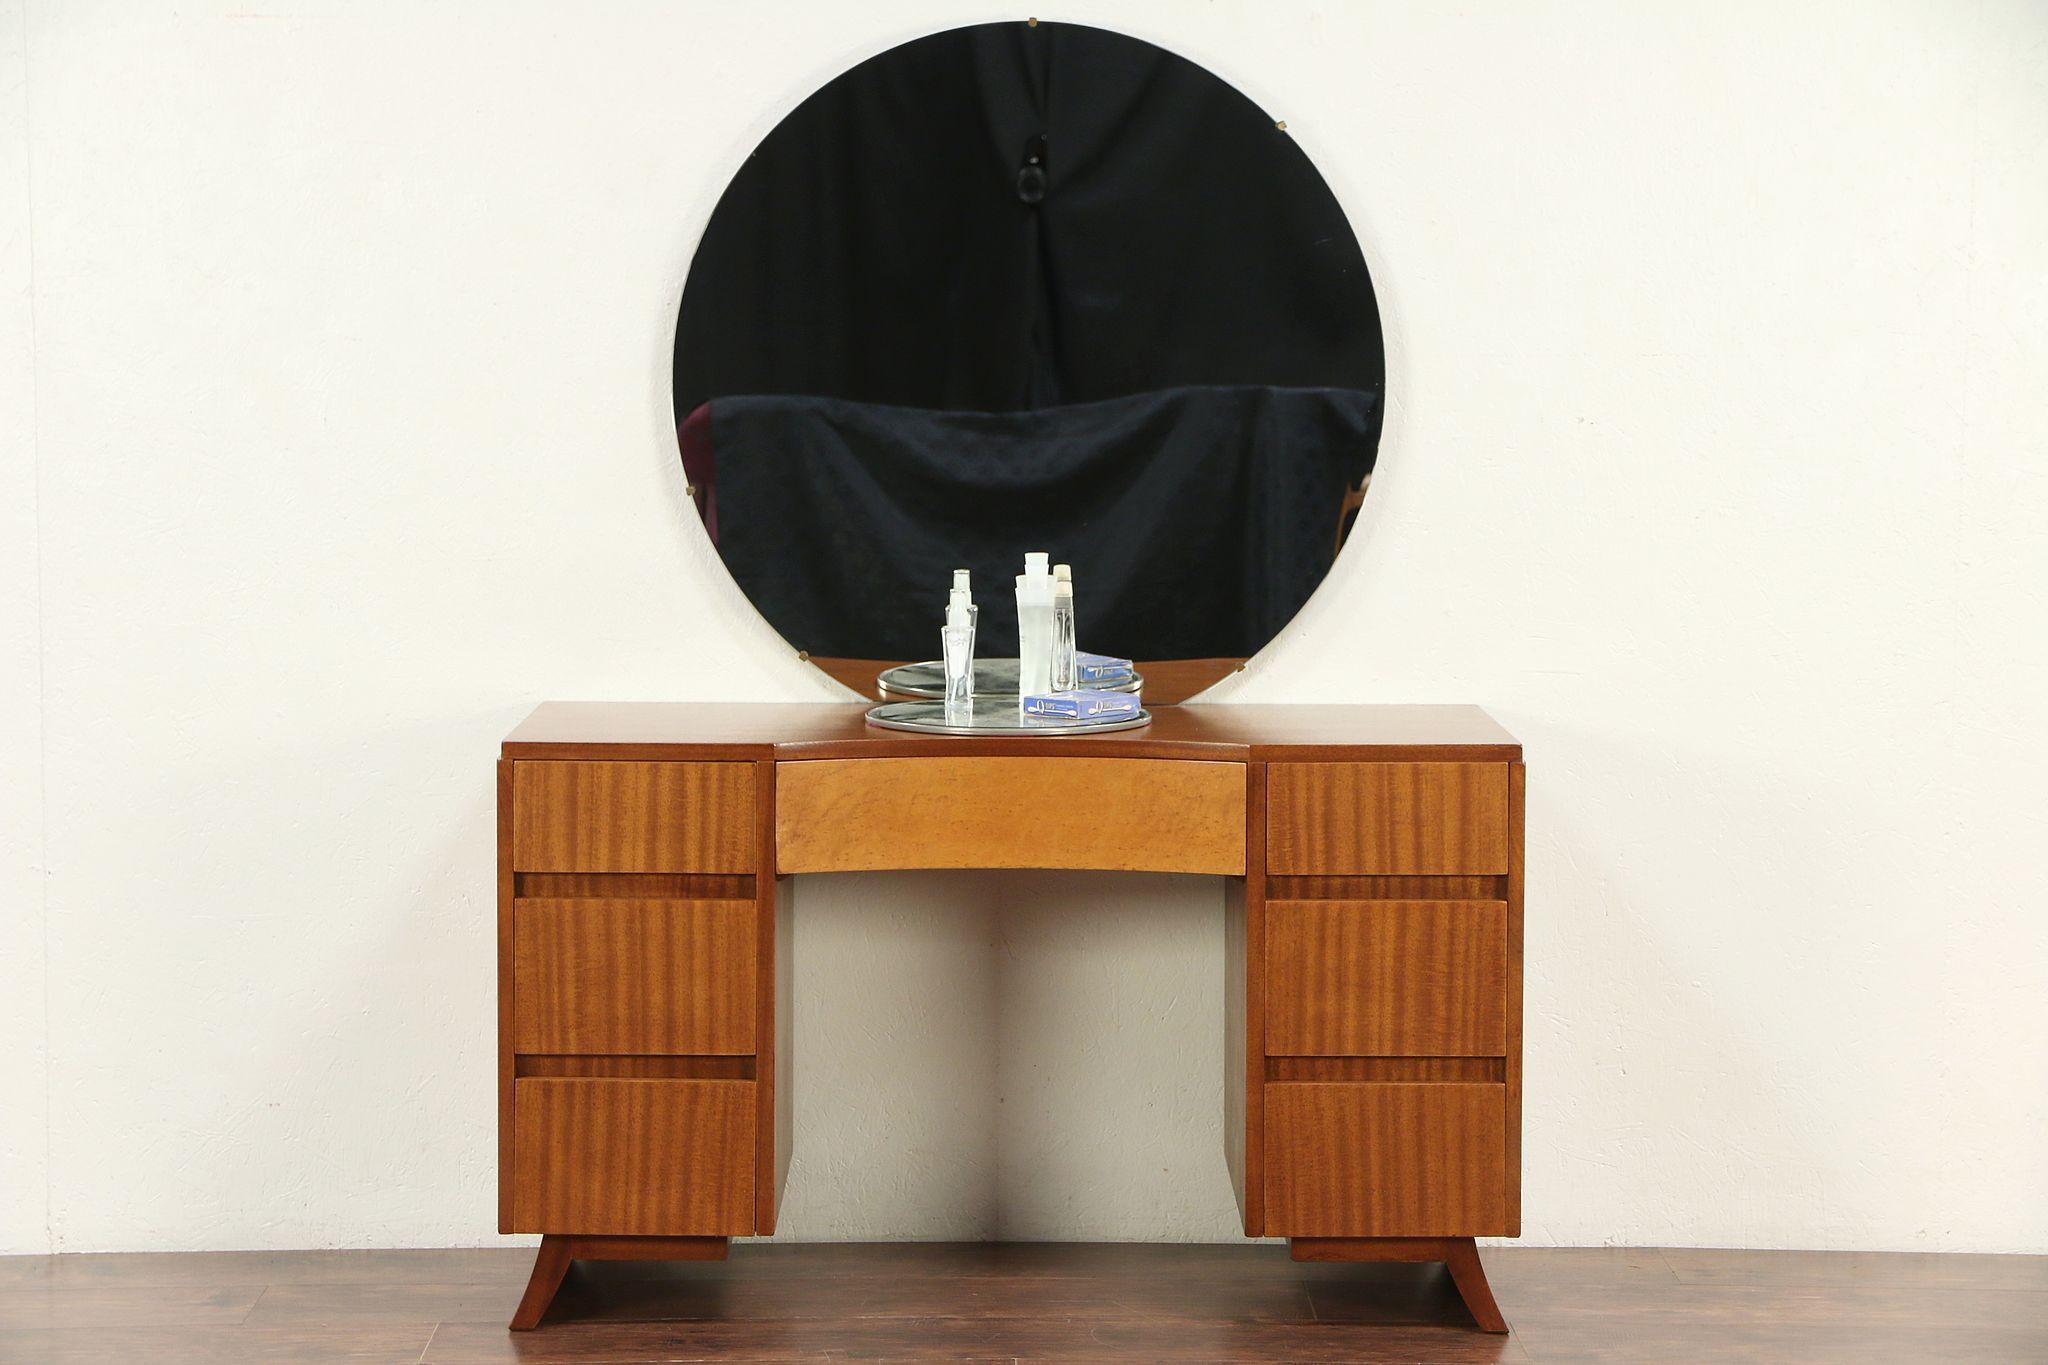 Sold Midcentury Modern Desk Or Vanity Mirror 1960 Vintage Curly Maple Rway 29523 Harp Gallery Antiques Furniture